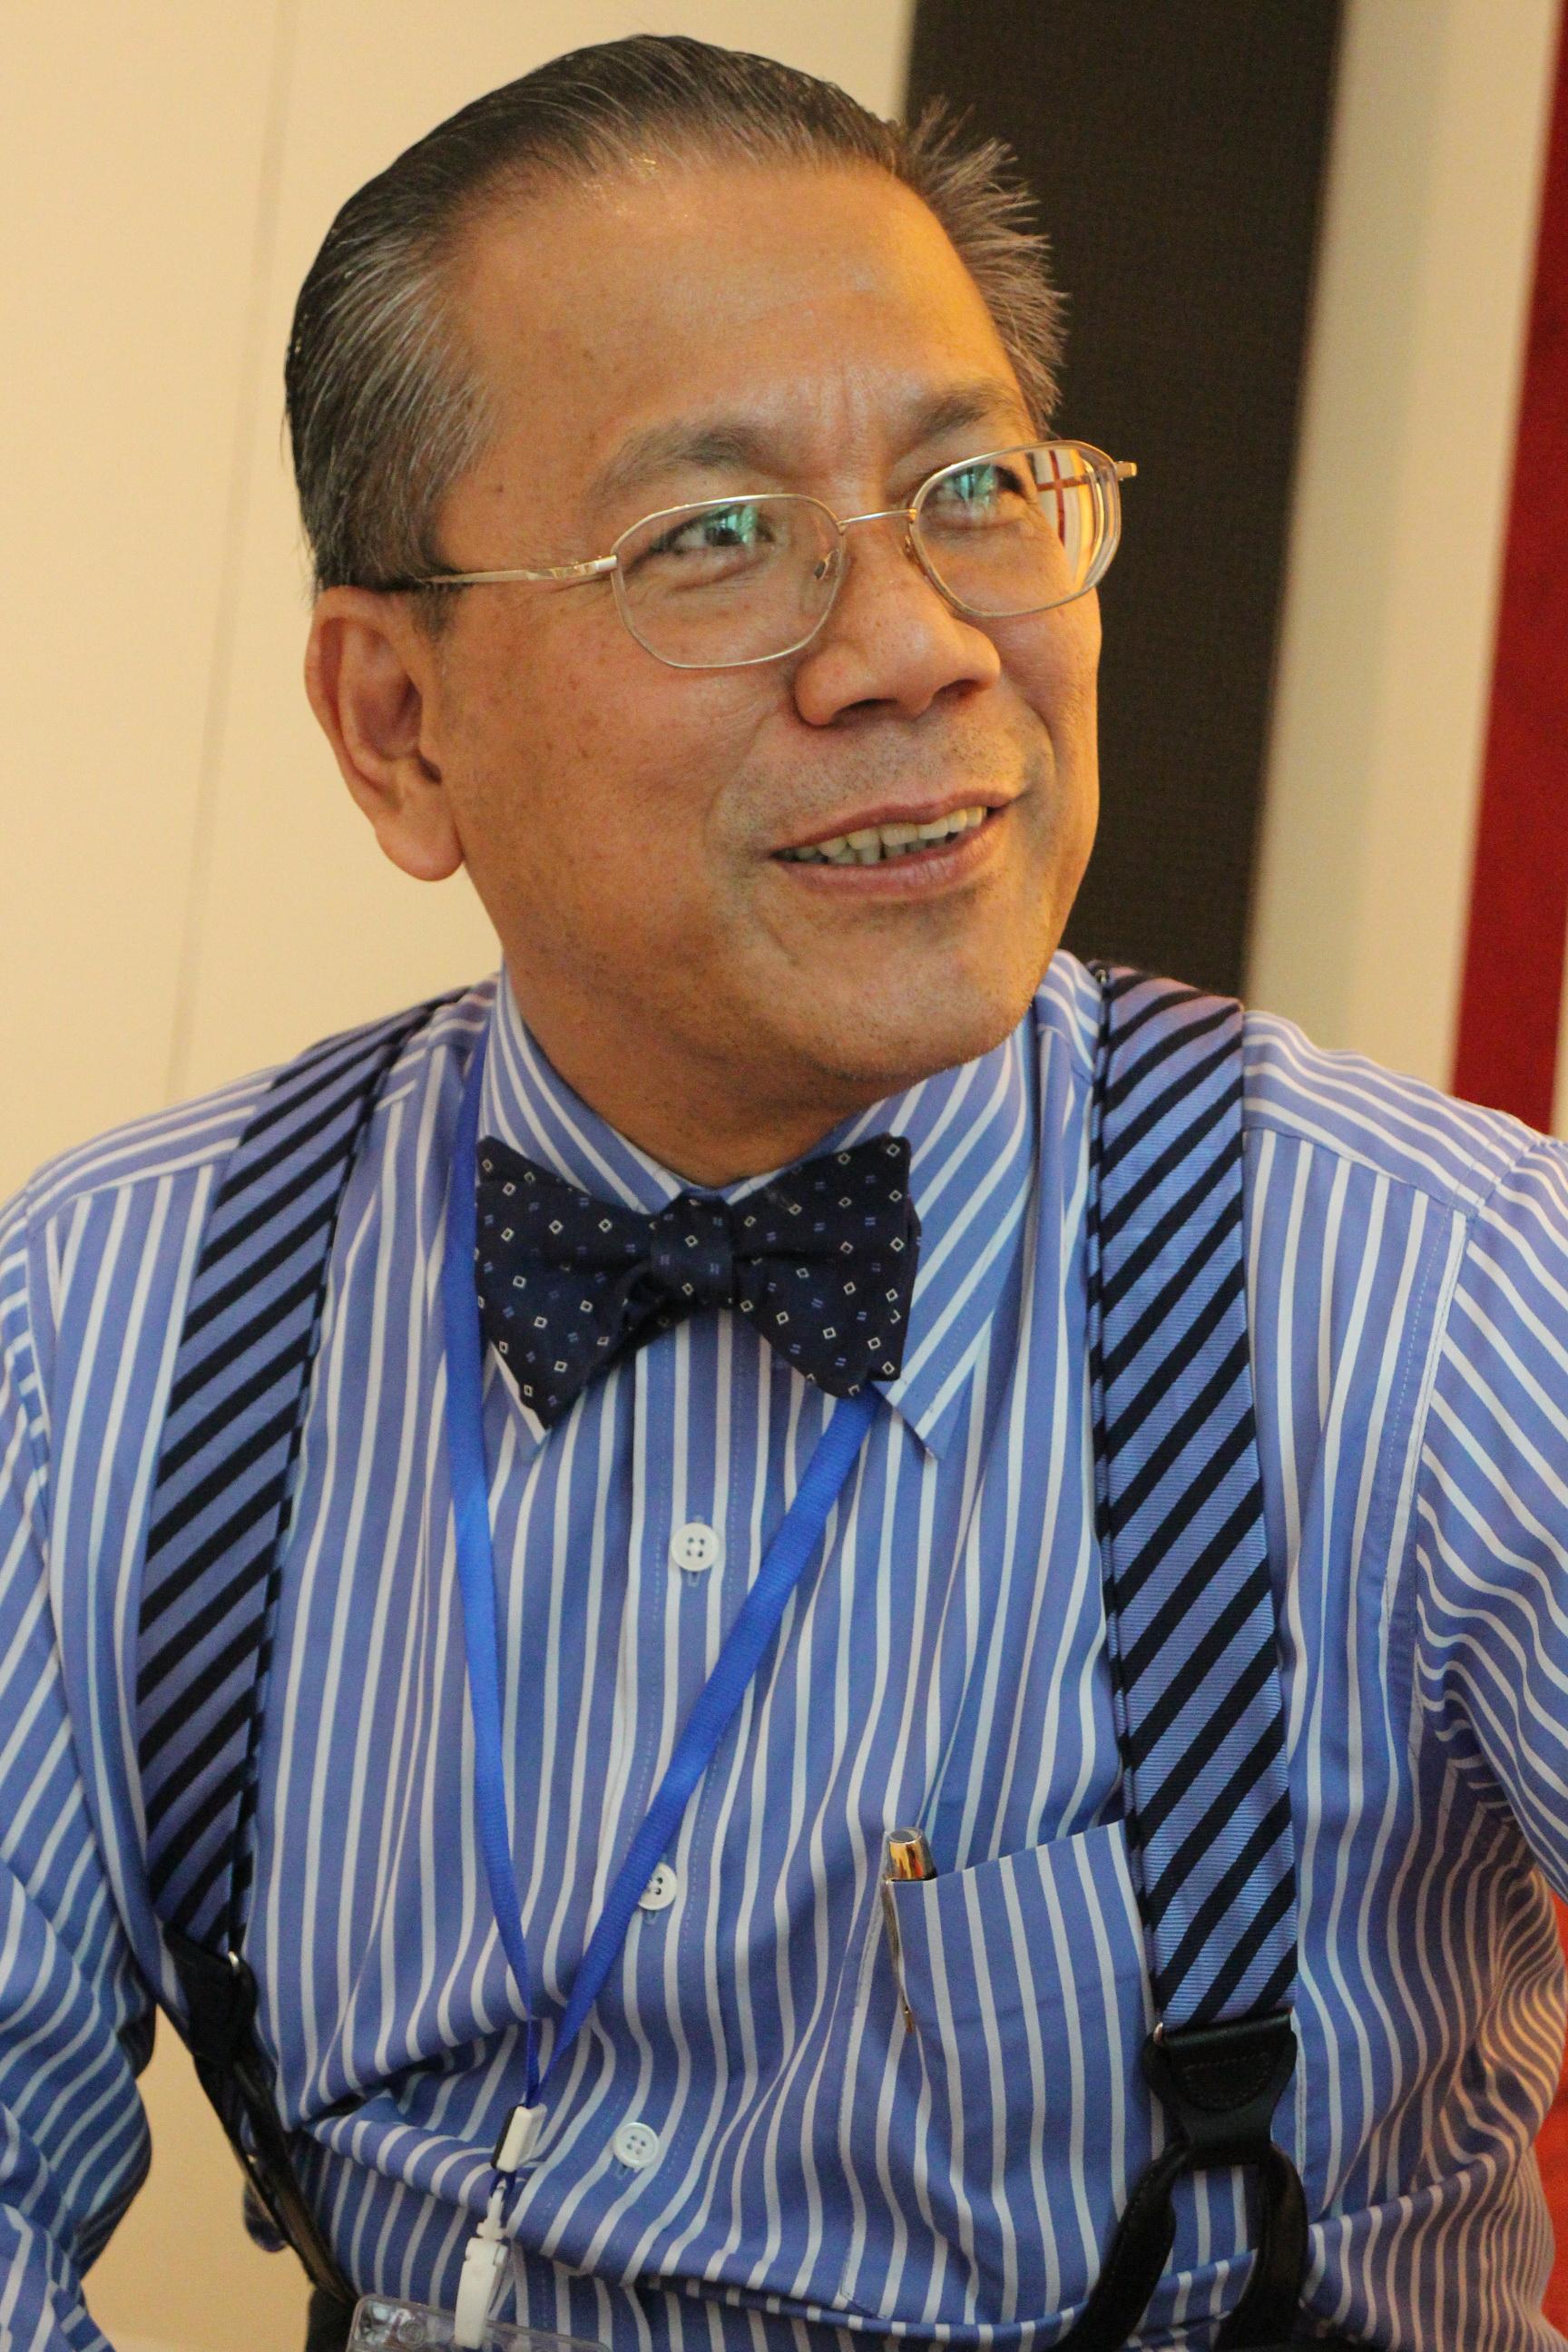 ดร.ศก สีพนา (Dr.Sok Siphana) ที่ปรึกษาคณะรัฐมนตรีกัมพูชา